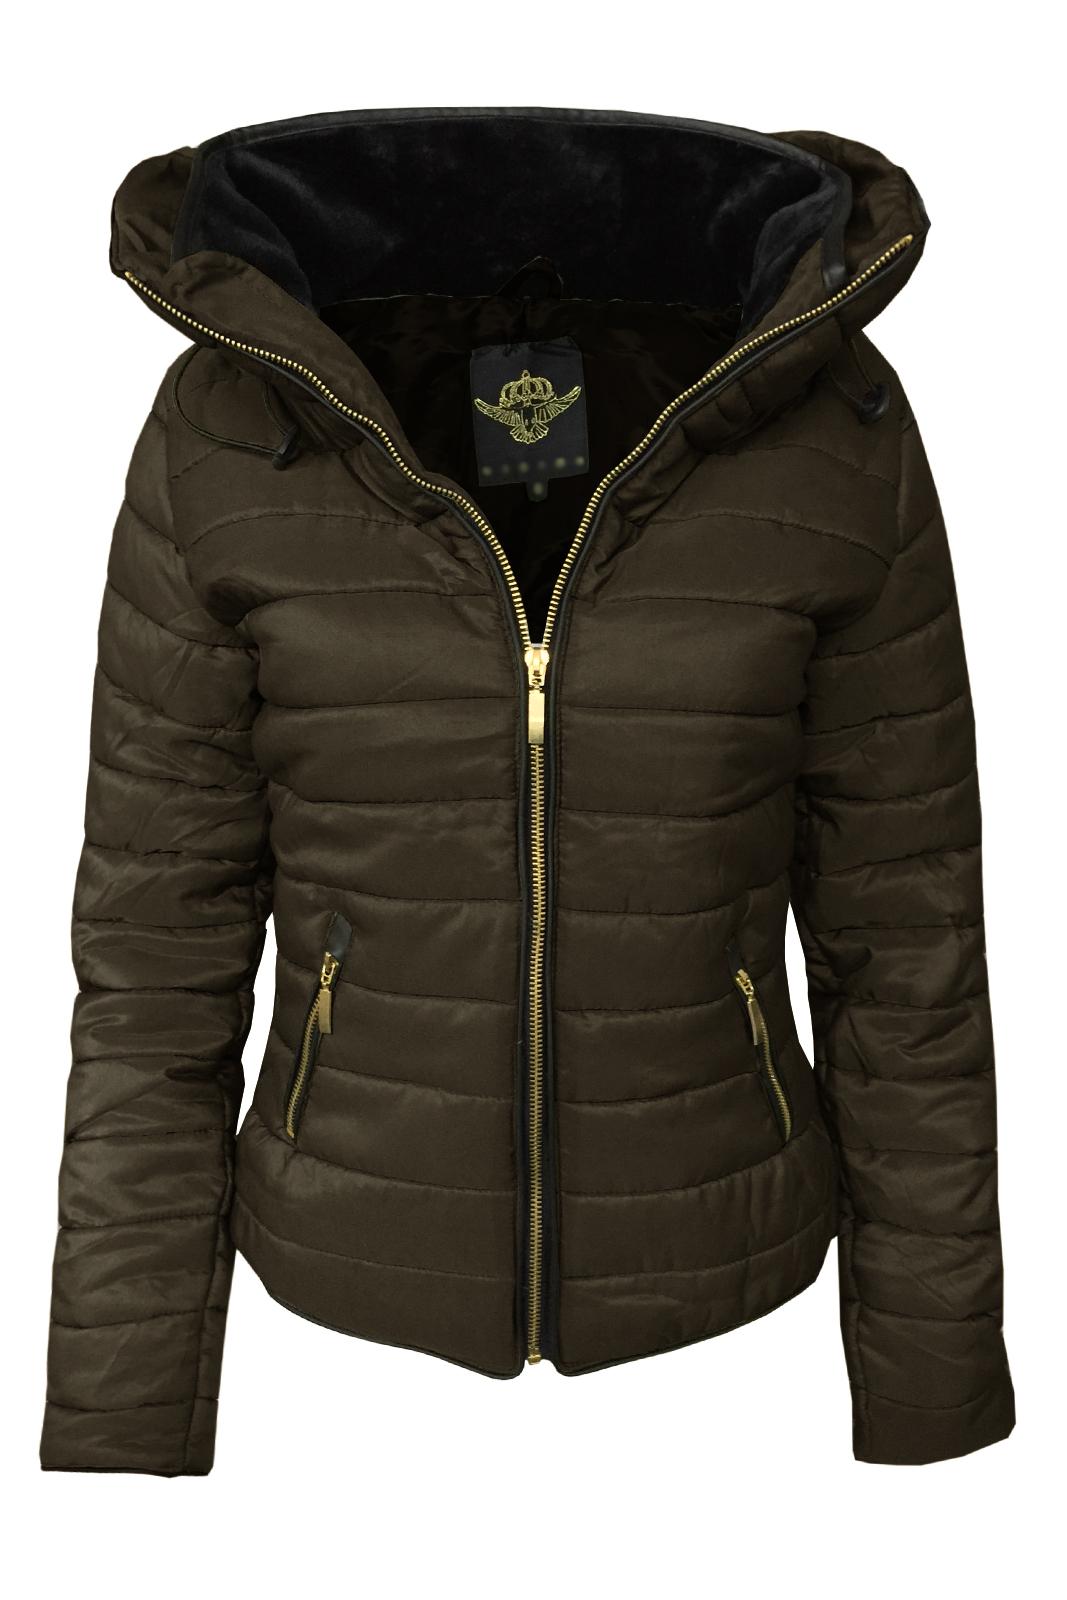 Jackets for women ebay